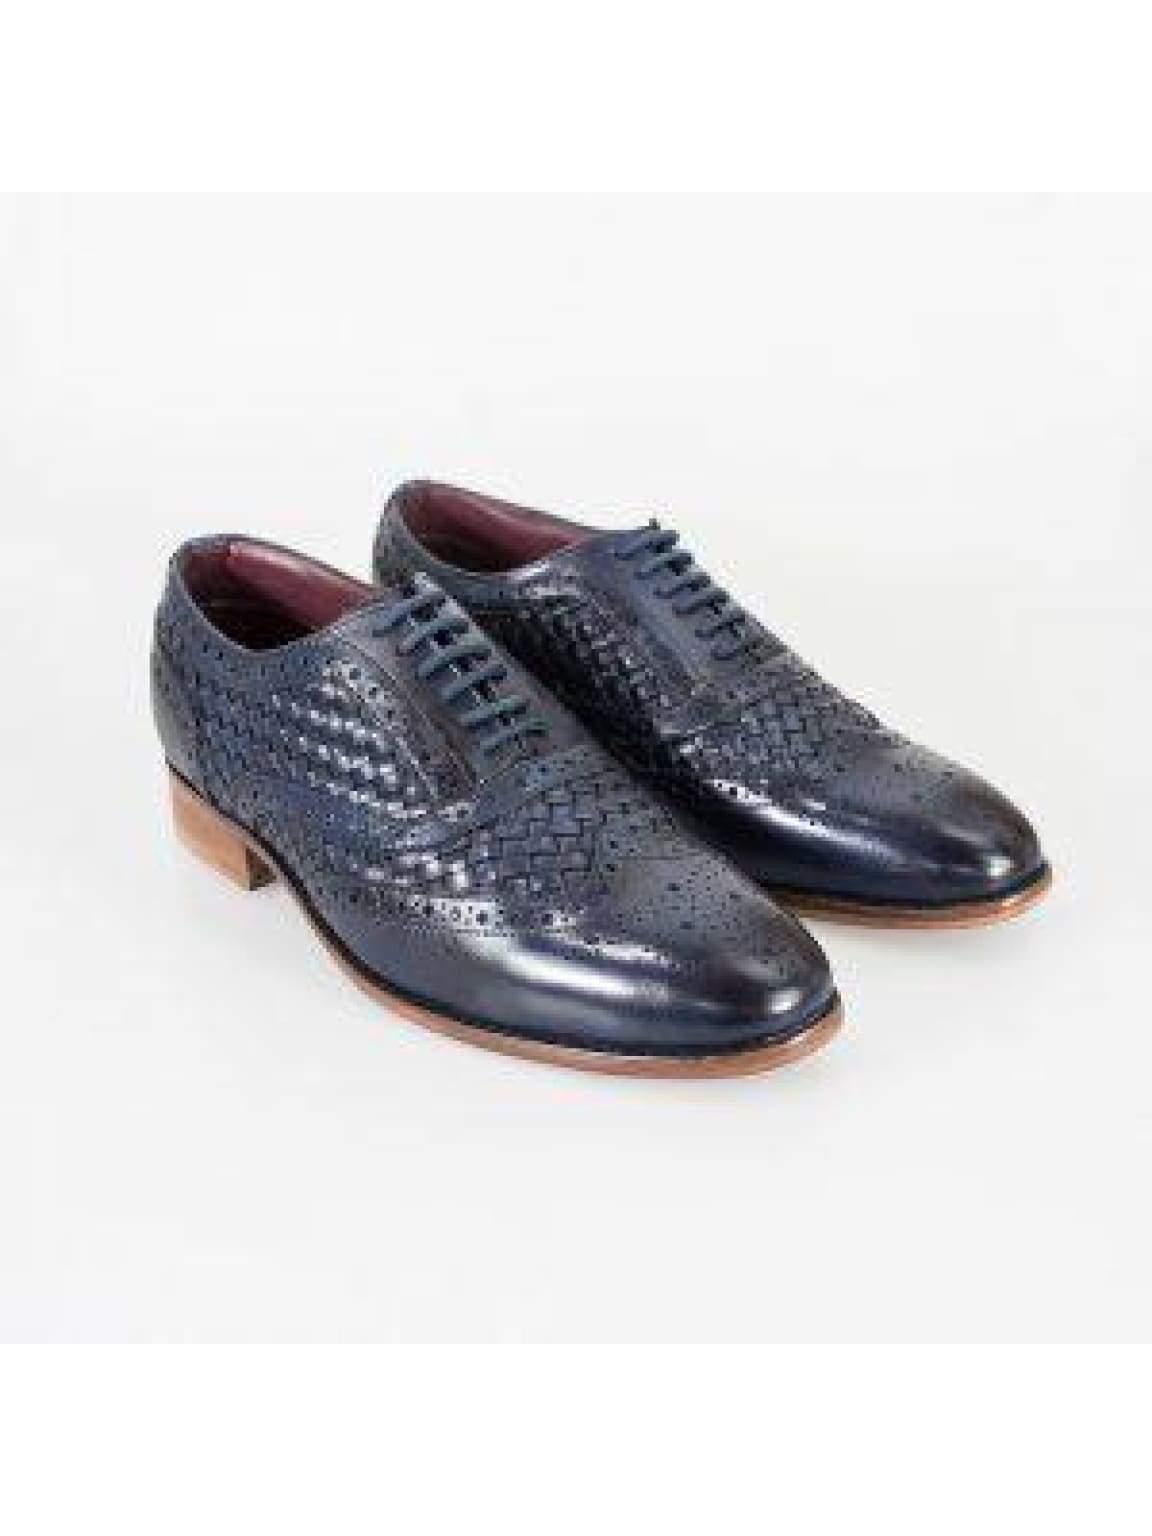 Cavani Orion Navy Mens Leather Shoes - UK7 | EU41 - Shoes